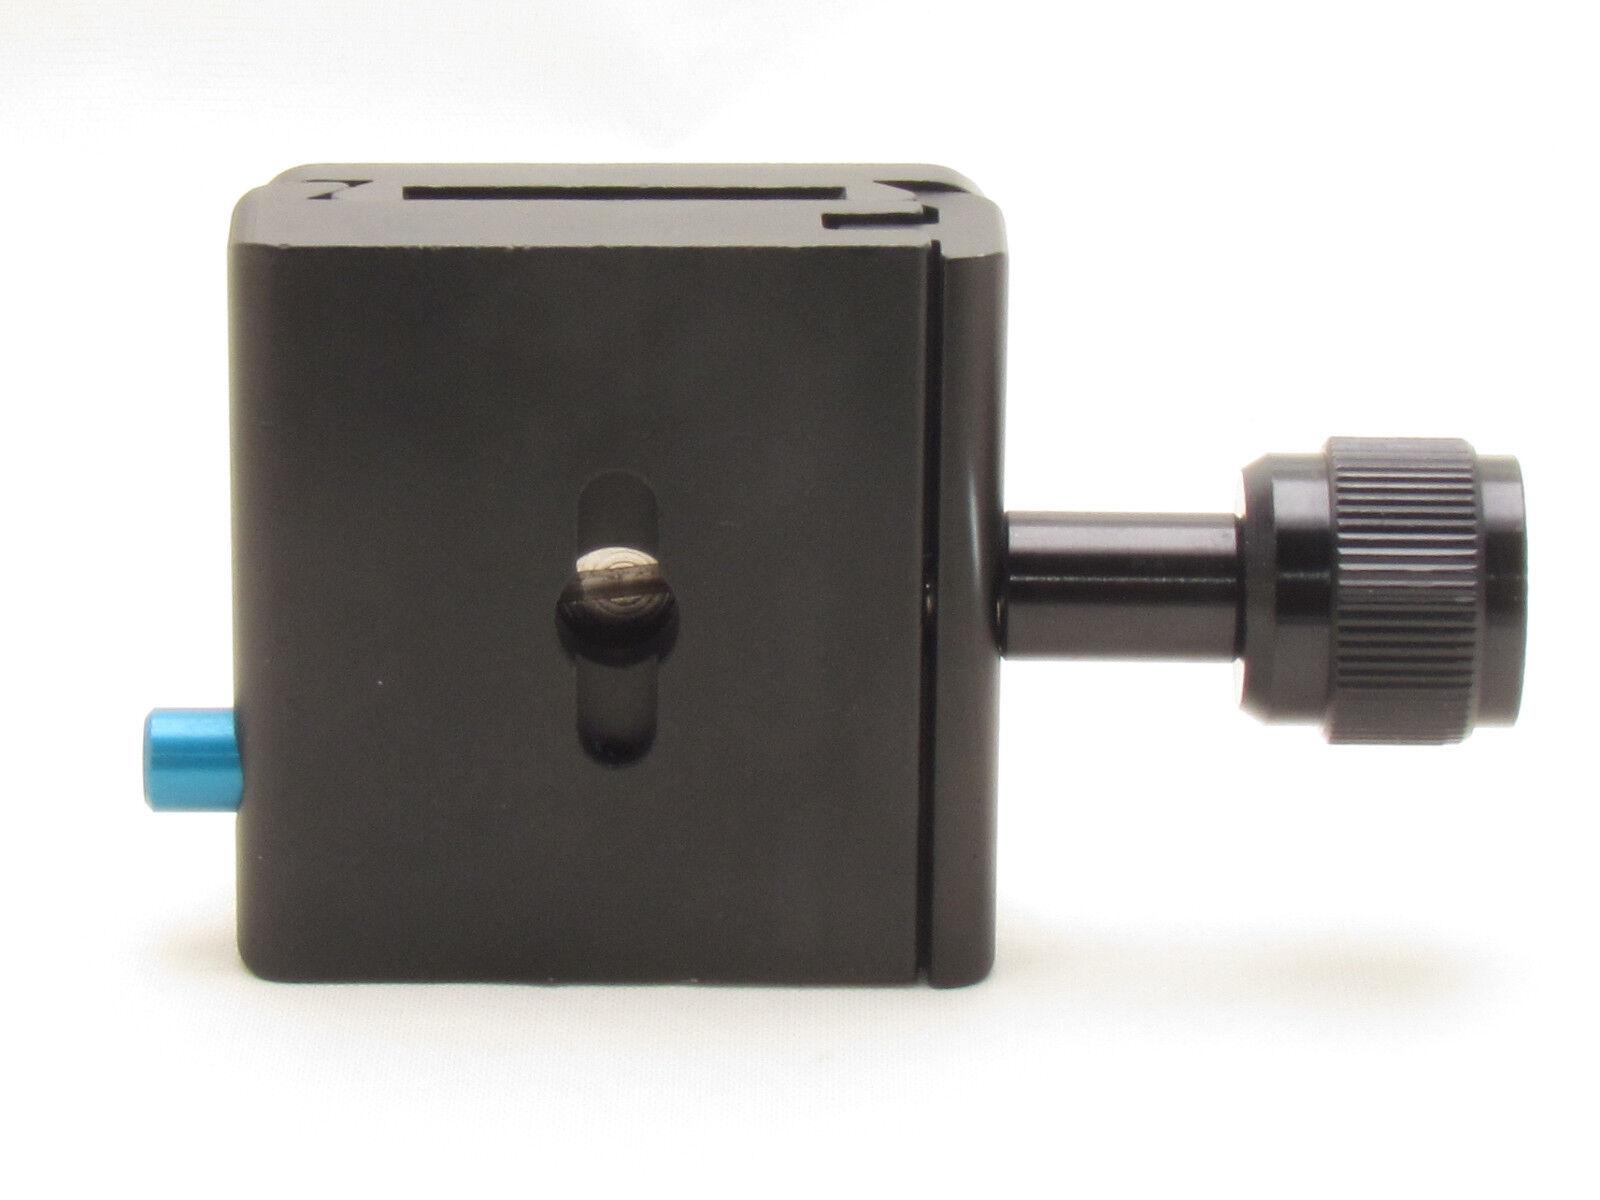 Tripod Ball Head Foto en camera 5 X DAC-02 Desmond 60mm Clamp w Bubble Level  Arca Compatible